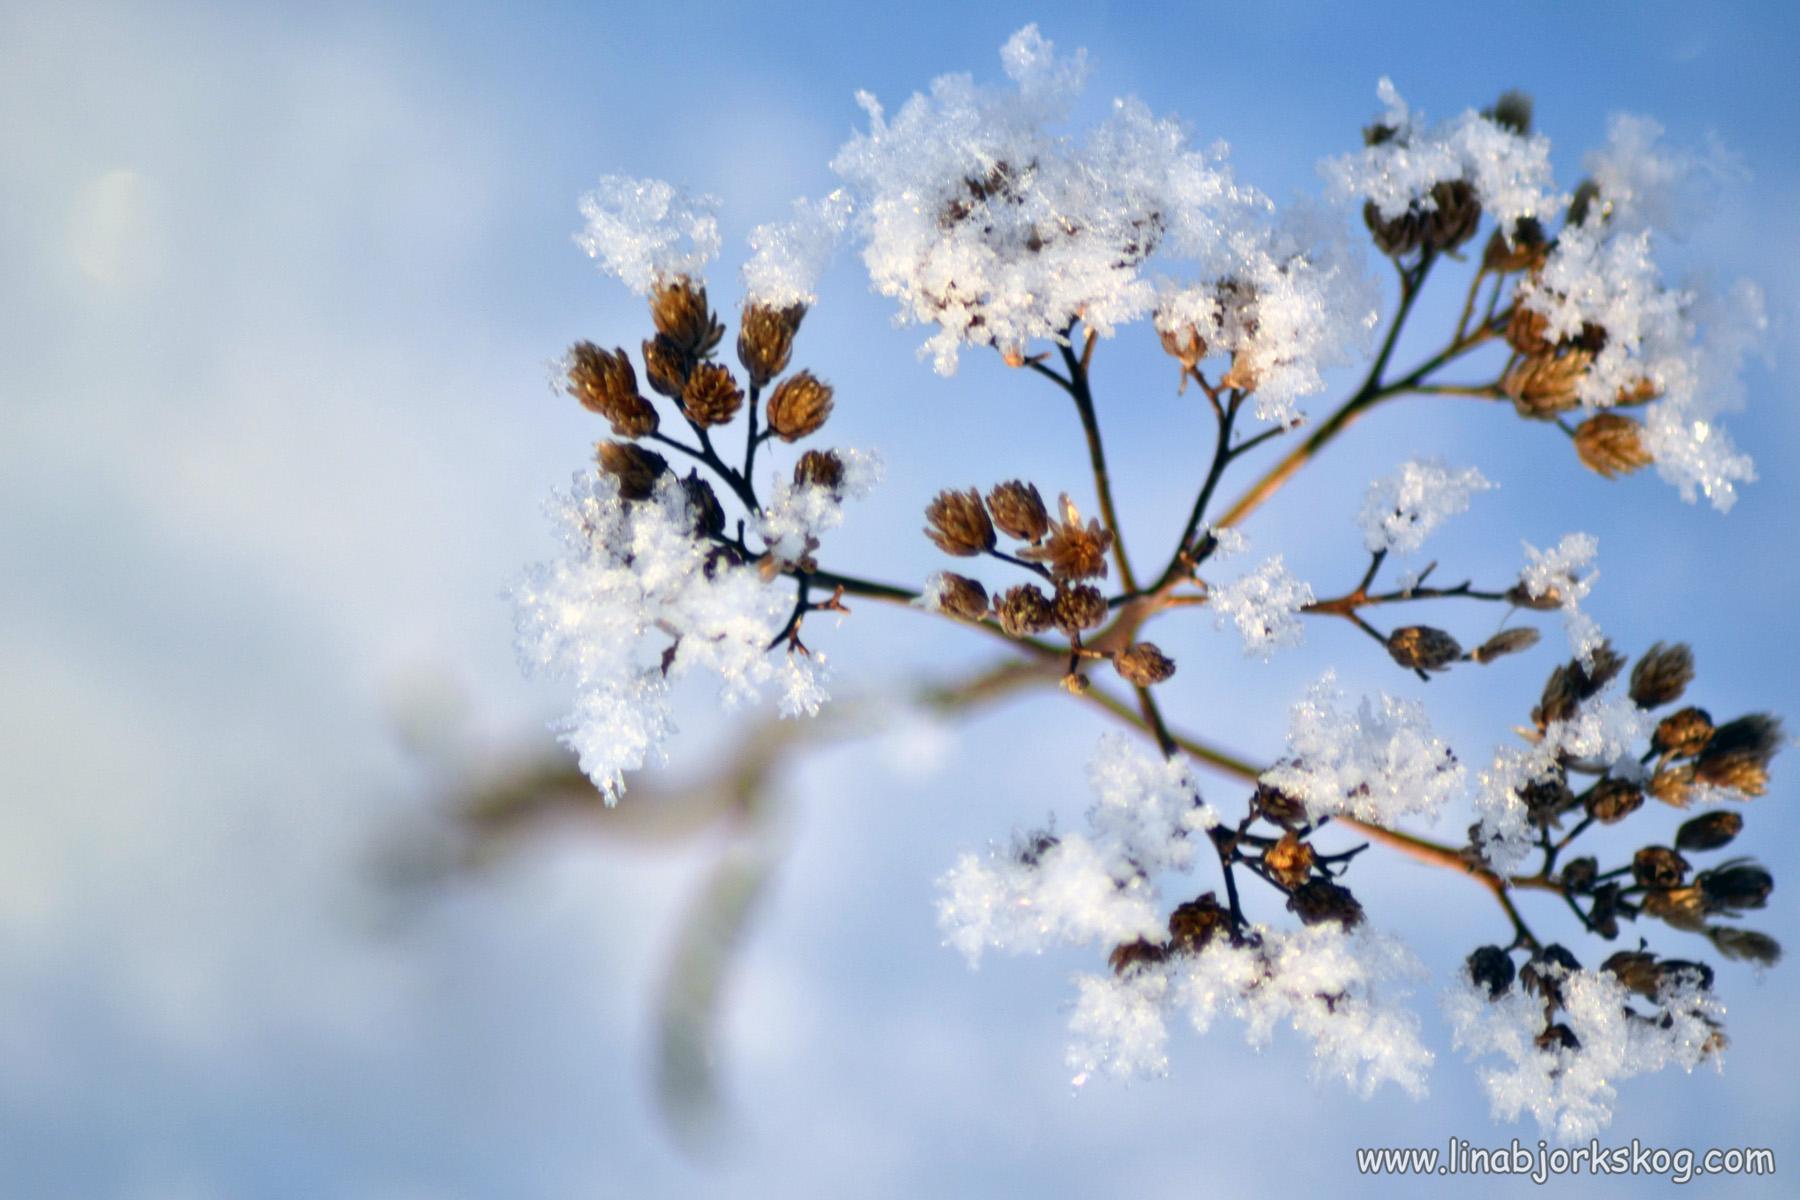 blomma under snö